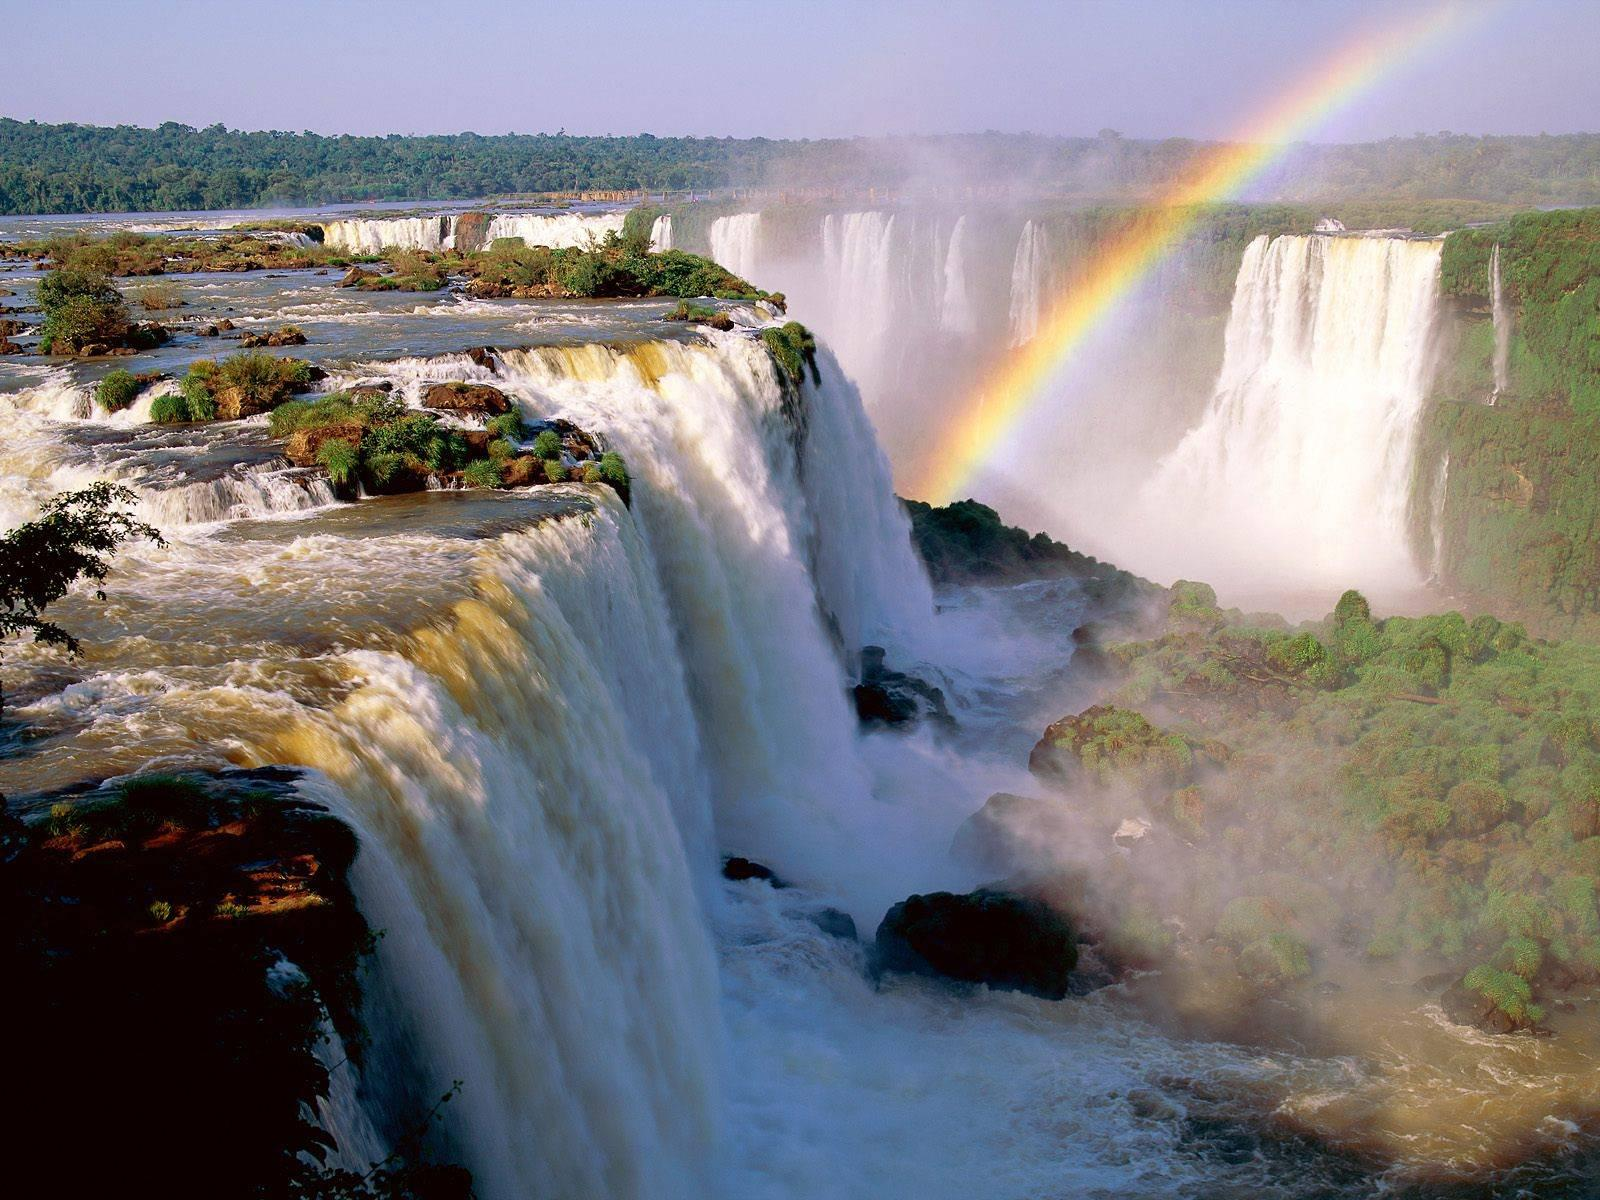 Cataratas del Iguazú, Ushuaia y Bariloche encabezan las búsquedas de argentinos para las fiestas